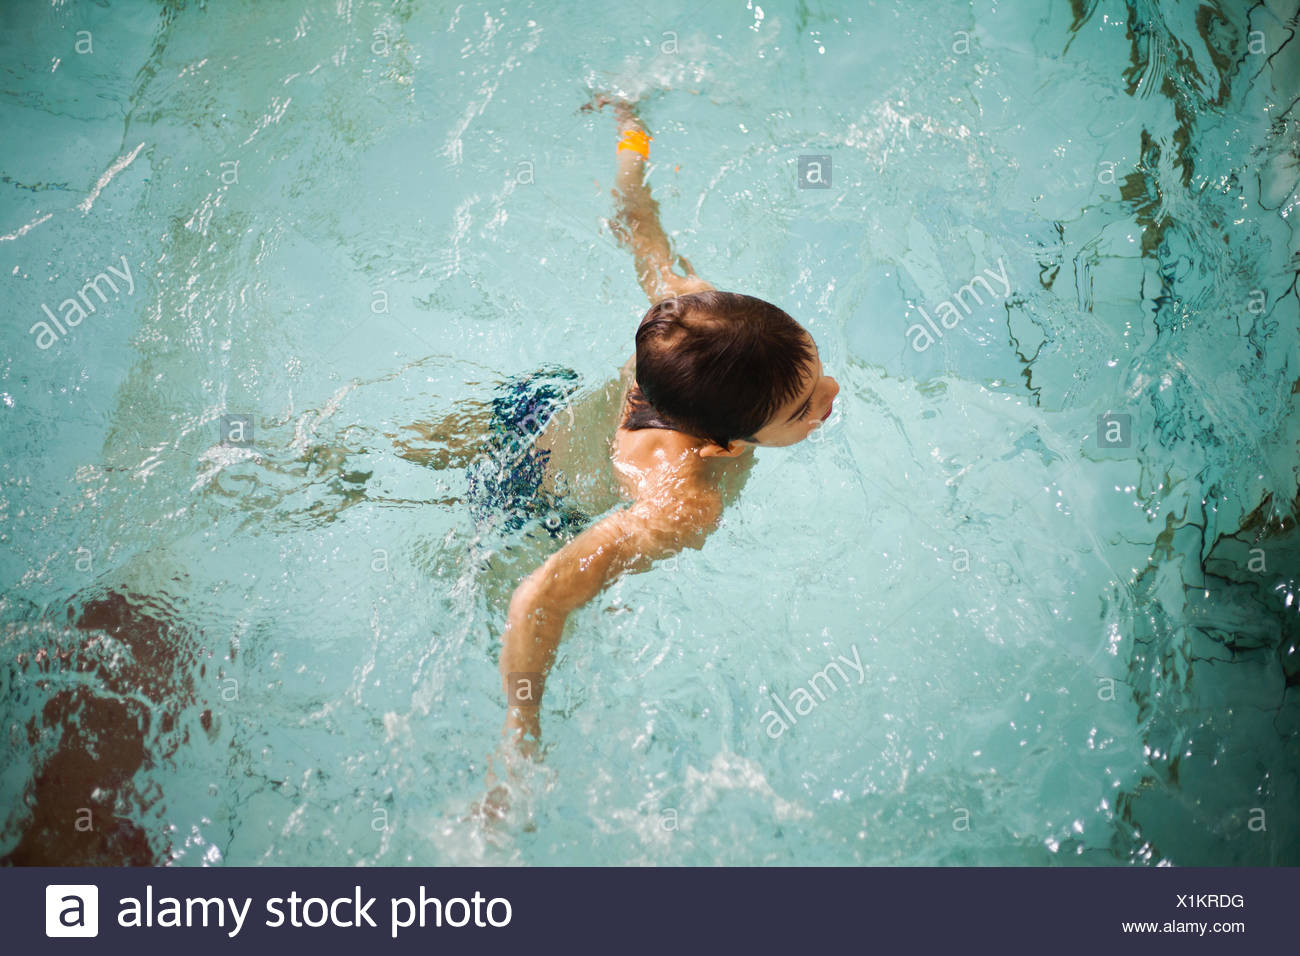 Garçon de traiter l'eau de piscine Photo Stock